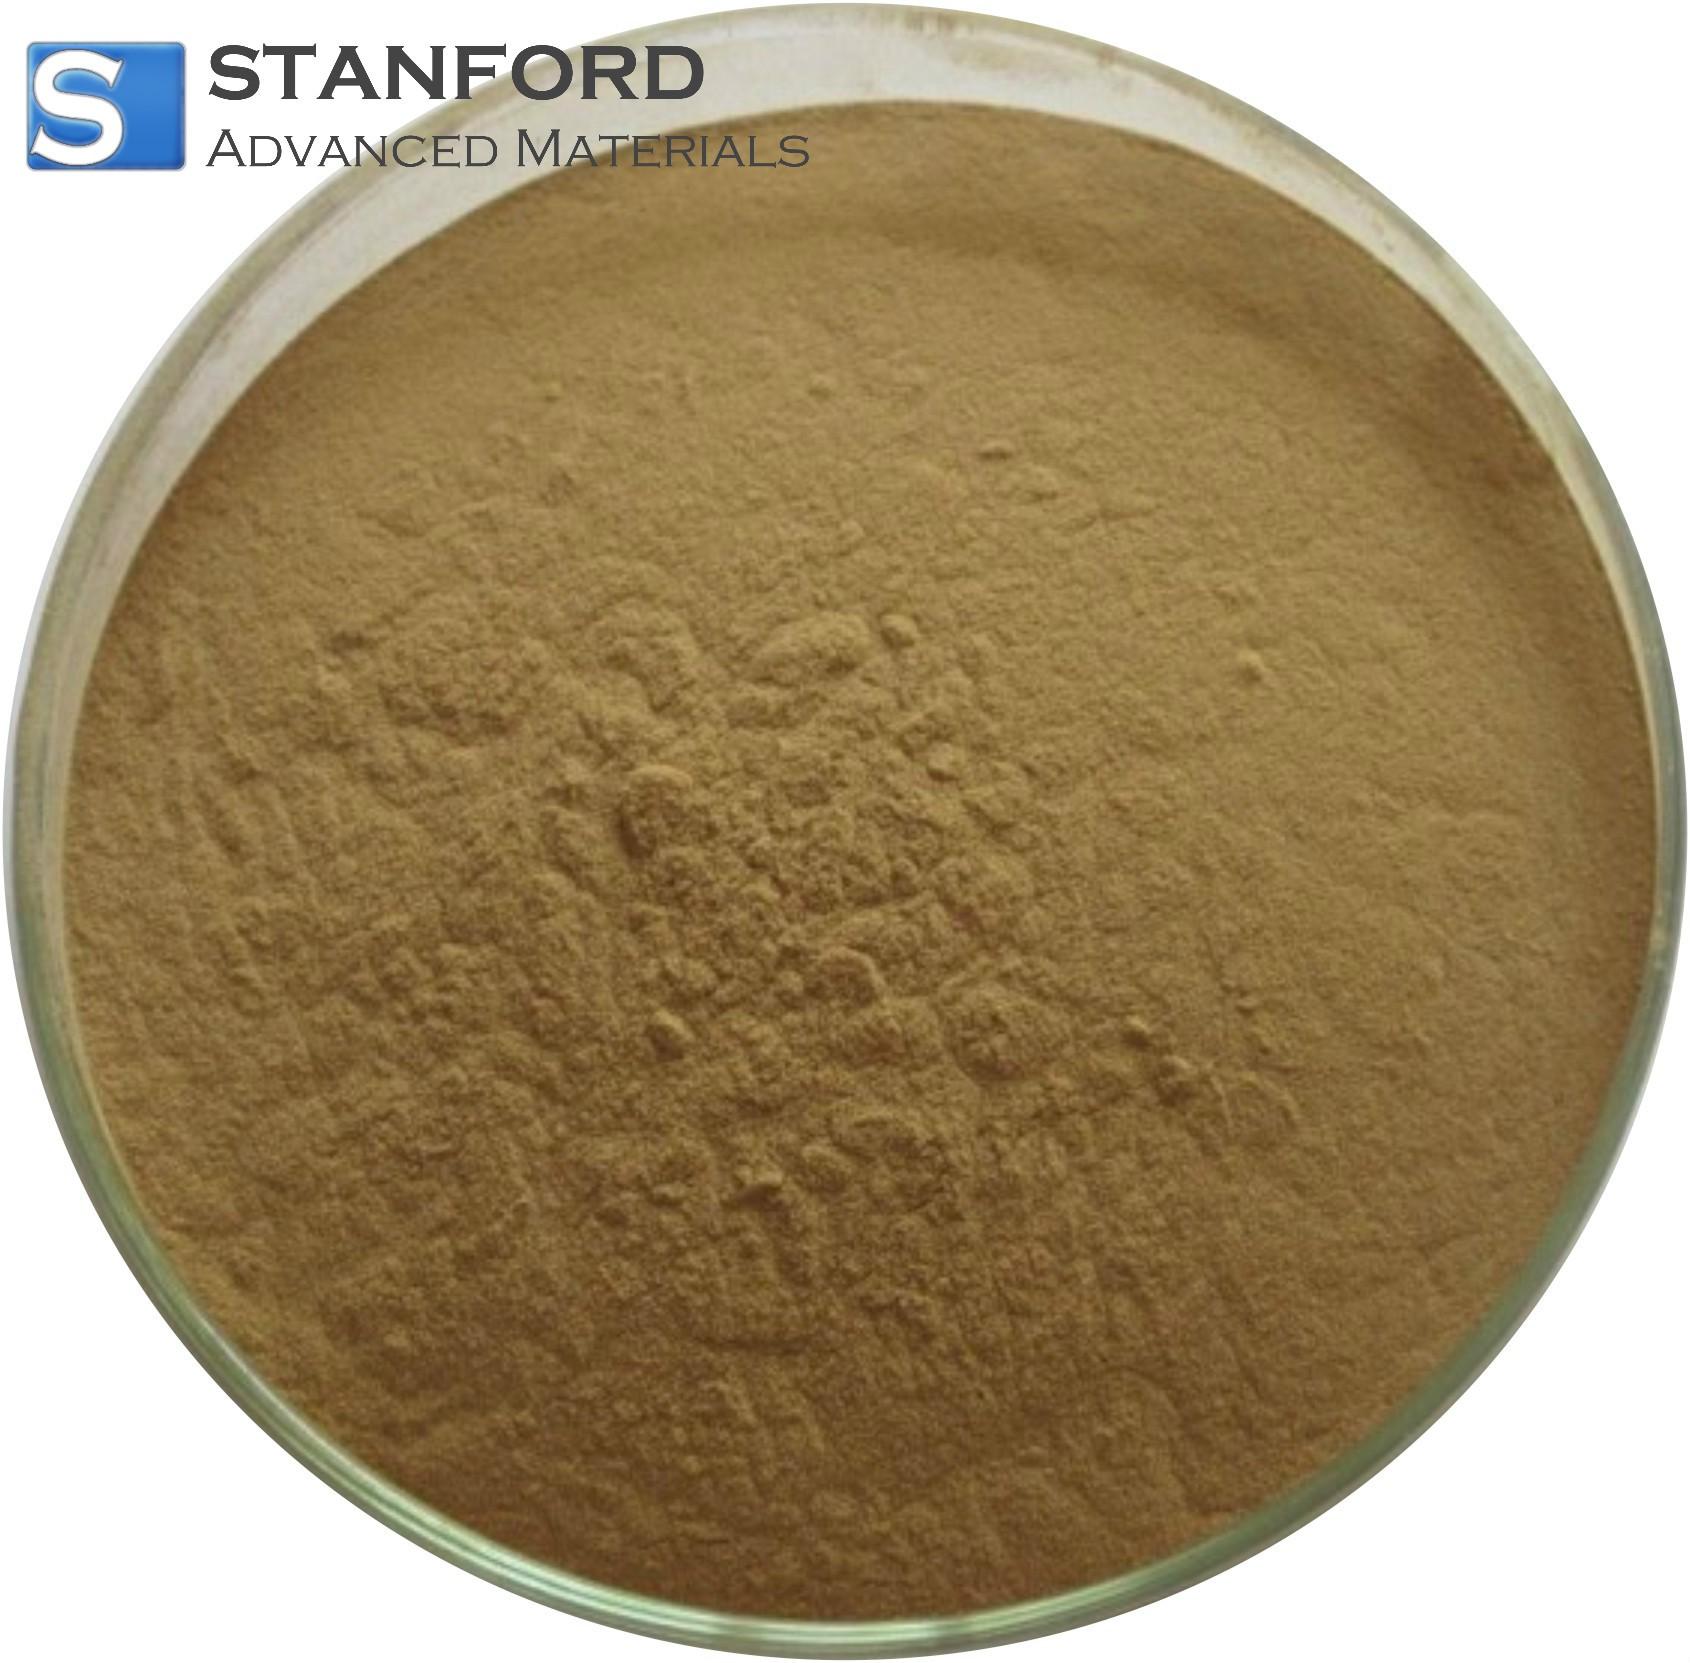 YM1968 Yttrium Iron Garnet Powder